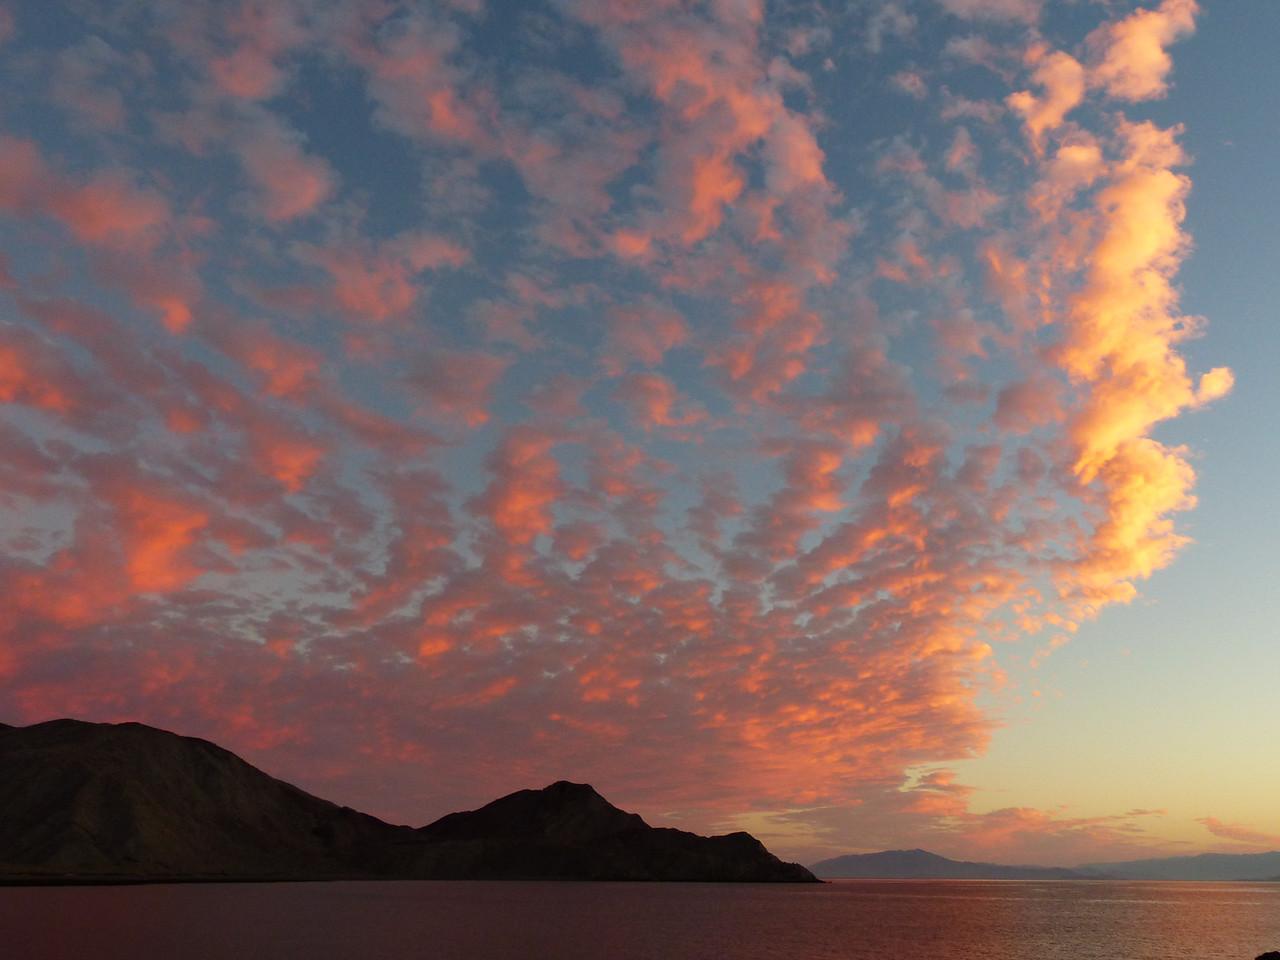 Sunset at Humbug Bay.